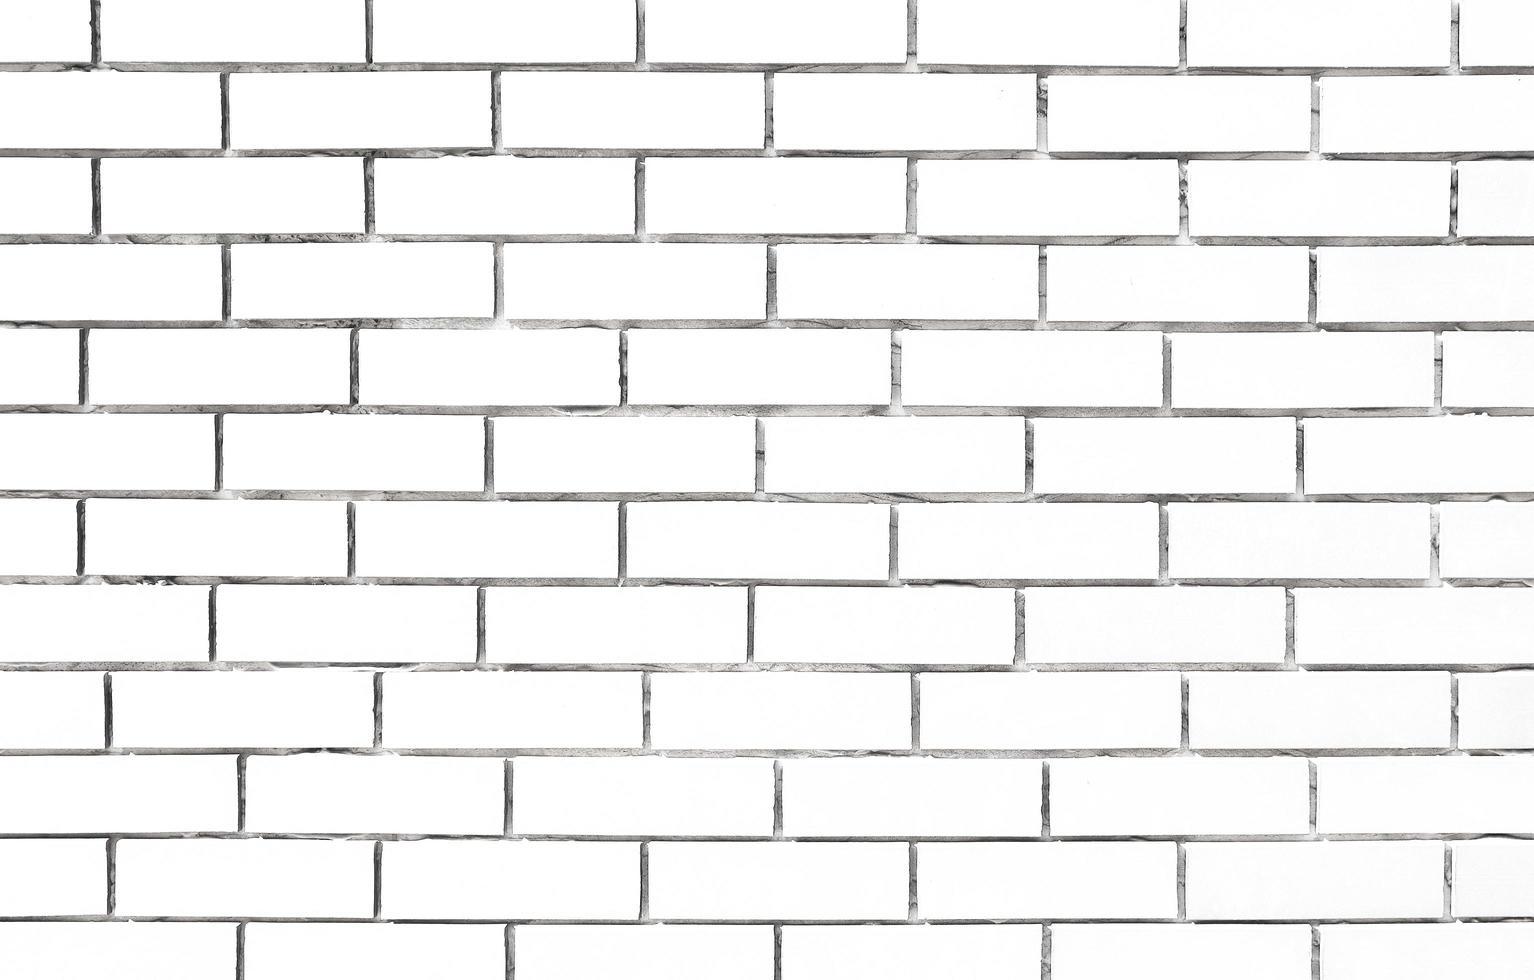 Textur weiße Betonwand foto